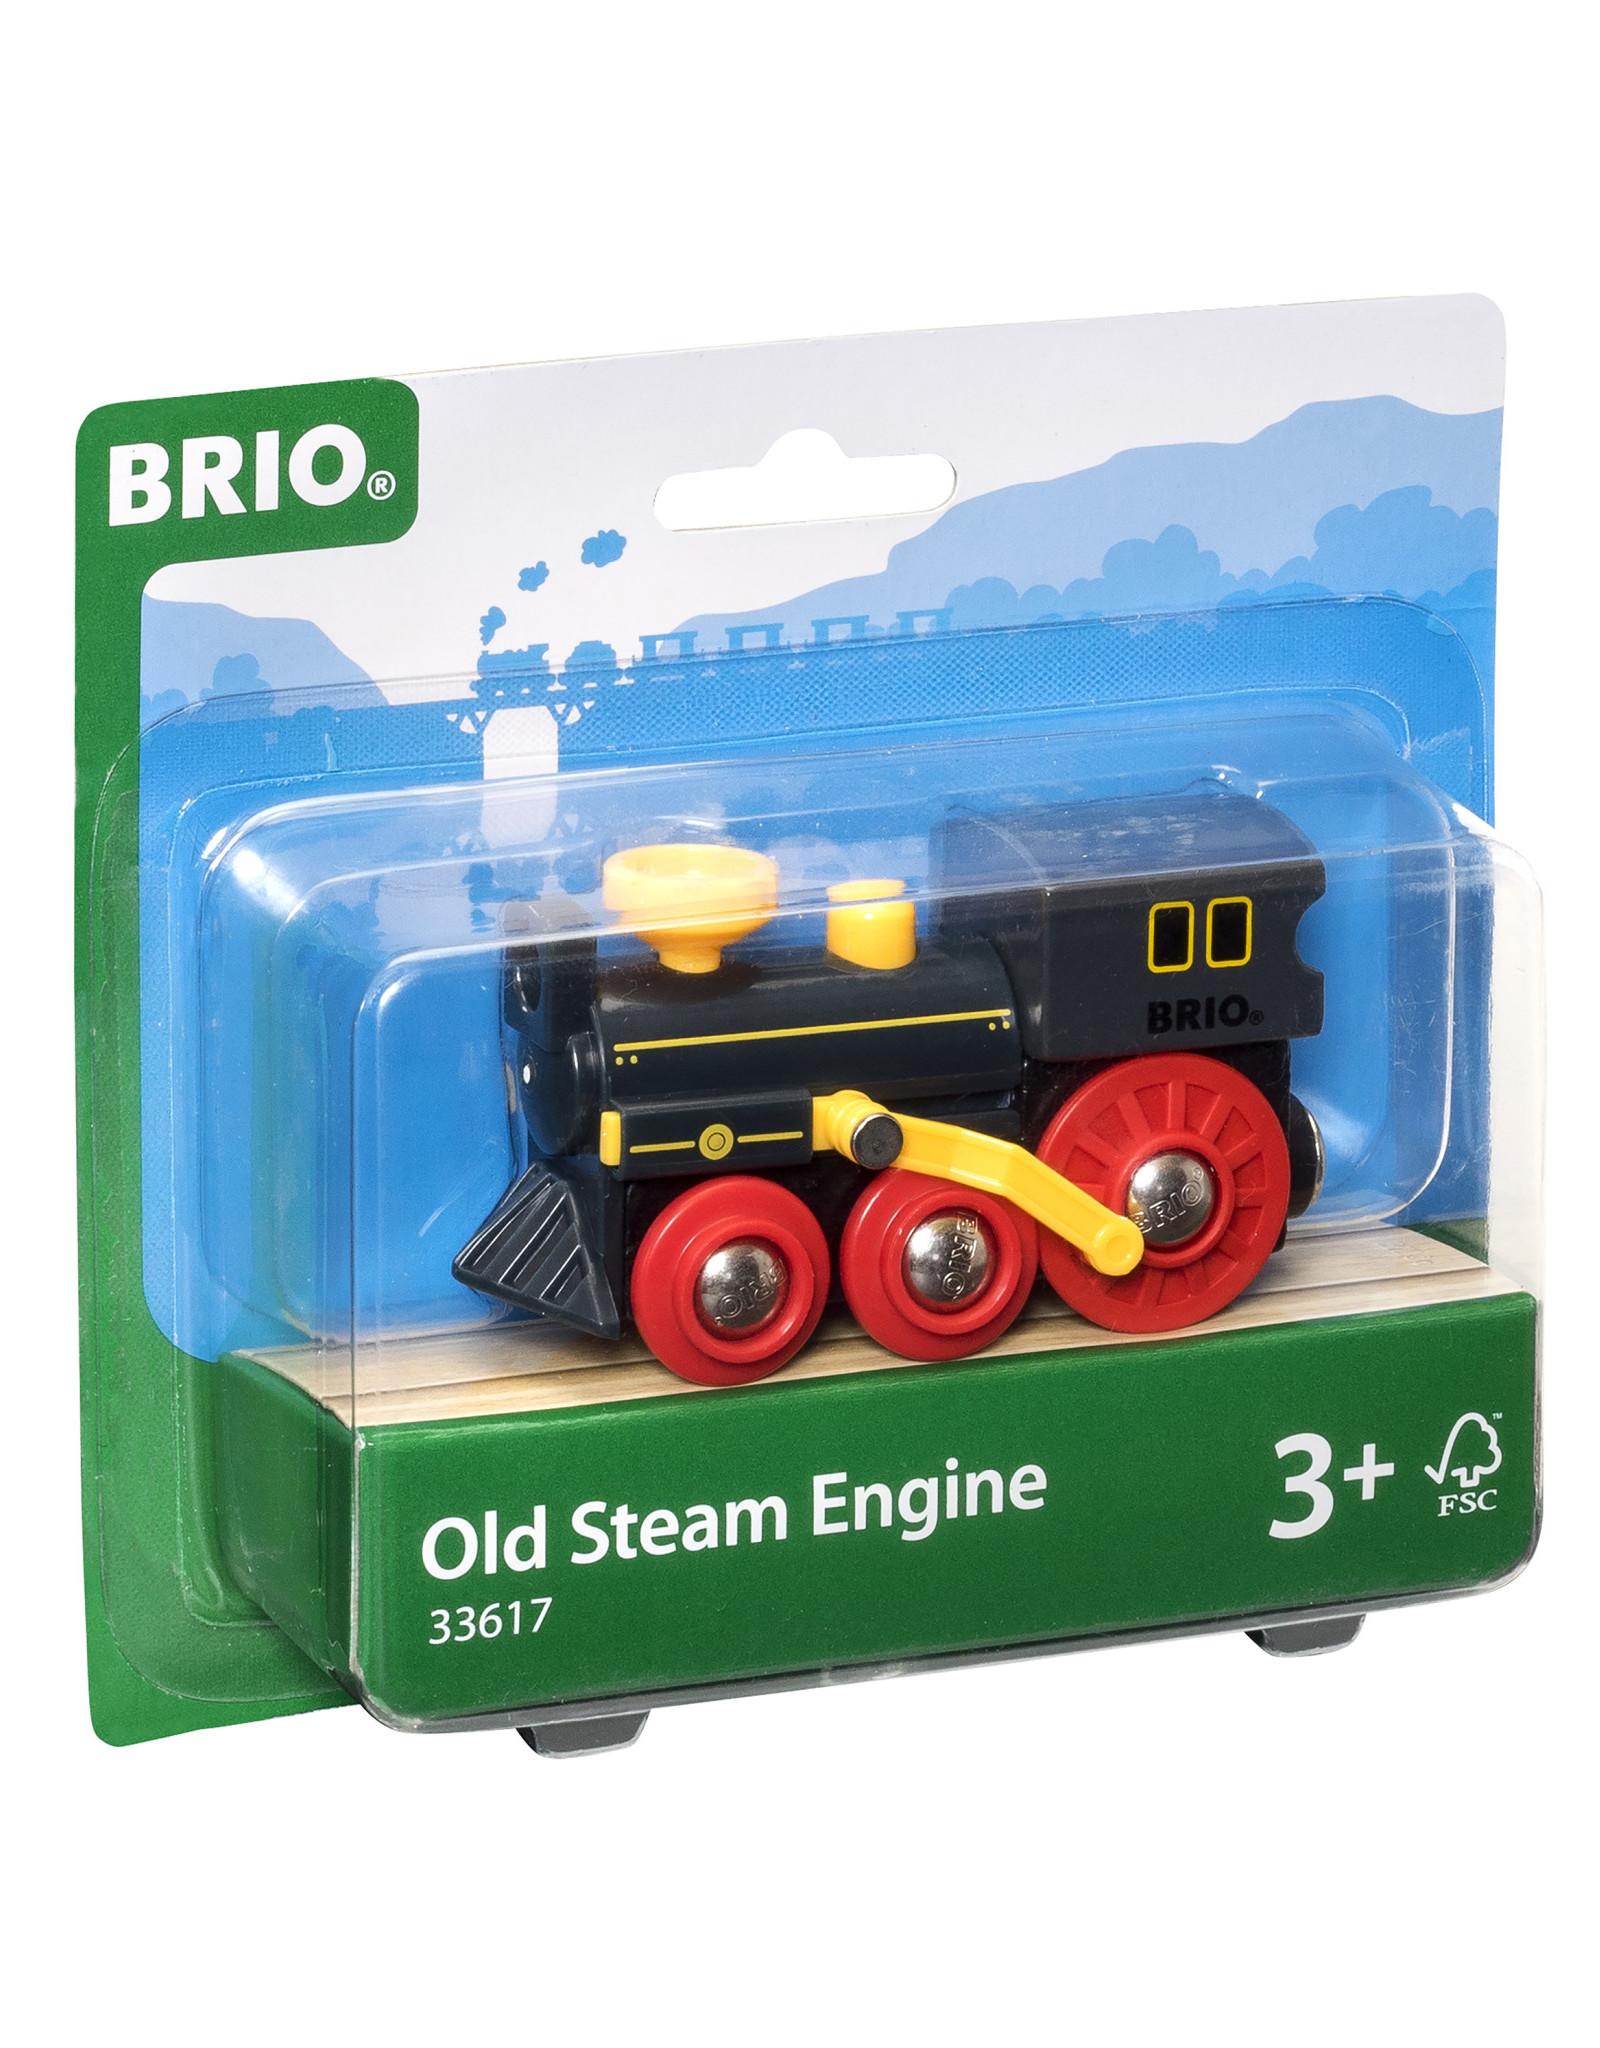 Brio Trains Old Steam Engine